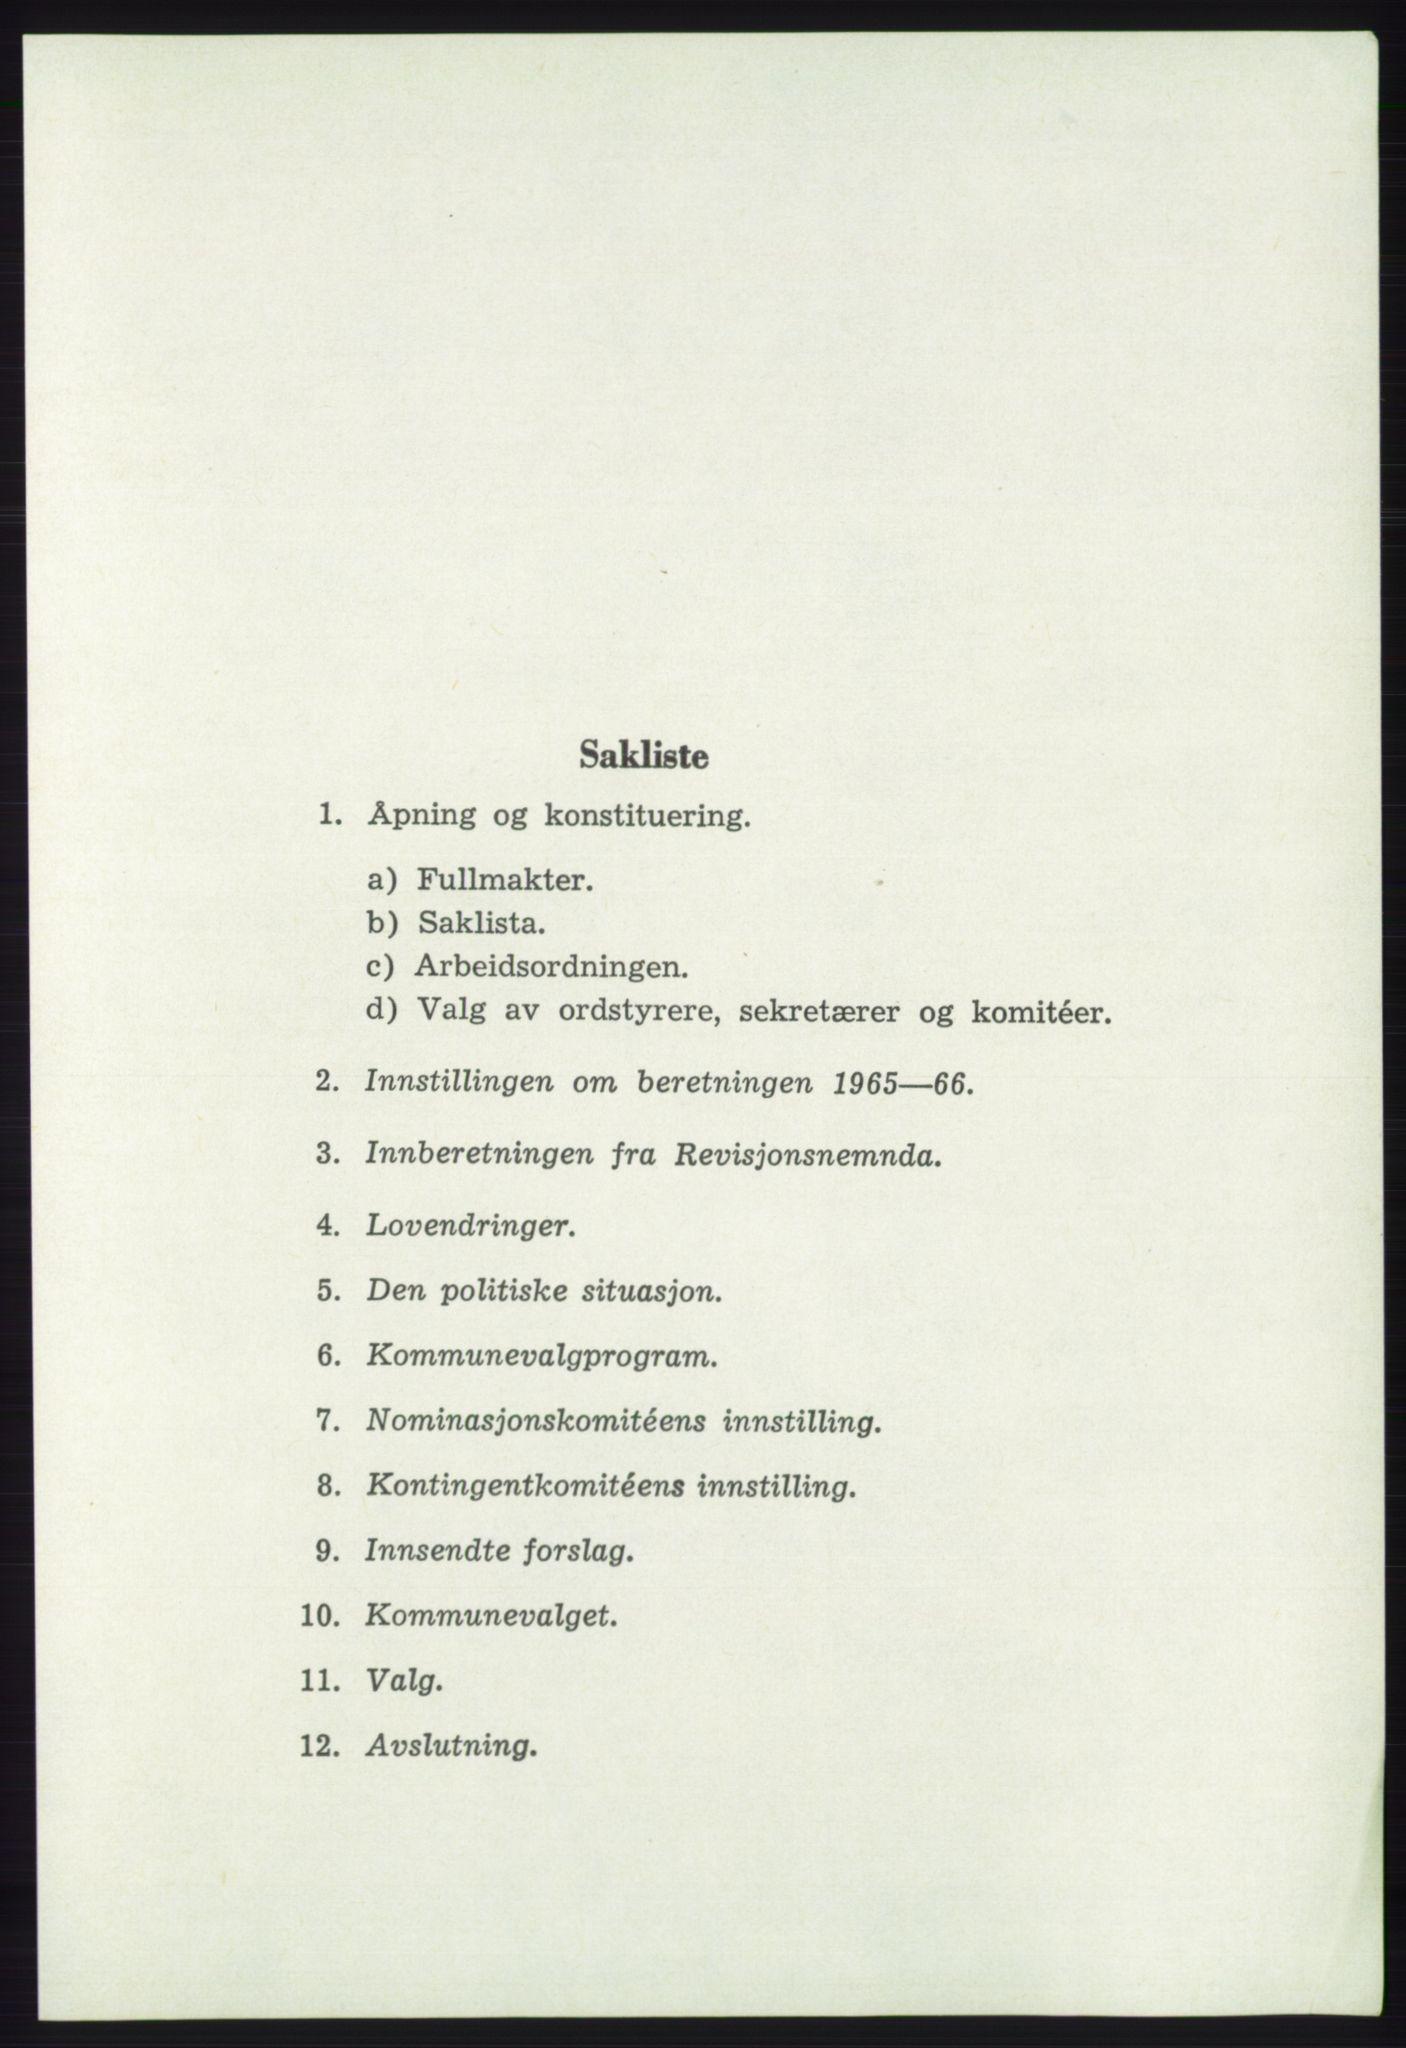 AAB, Det norske Arbeiderparti - publikasjoner, -/-: Protokoll over forhandlingene på det 41. ordinære landsmøte 21.-23. mai 1967 i Oslo, 1967